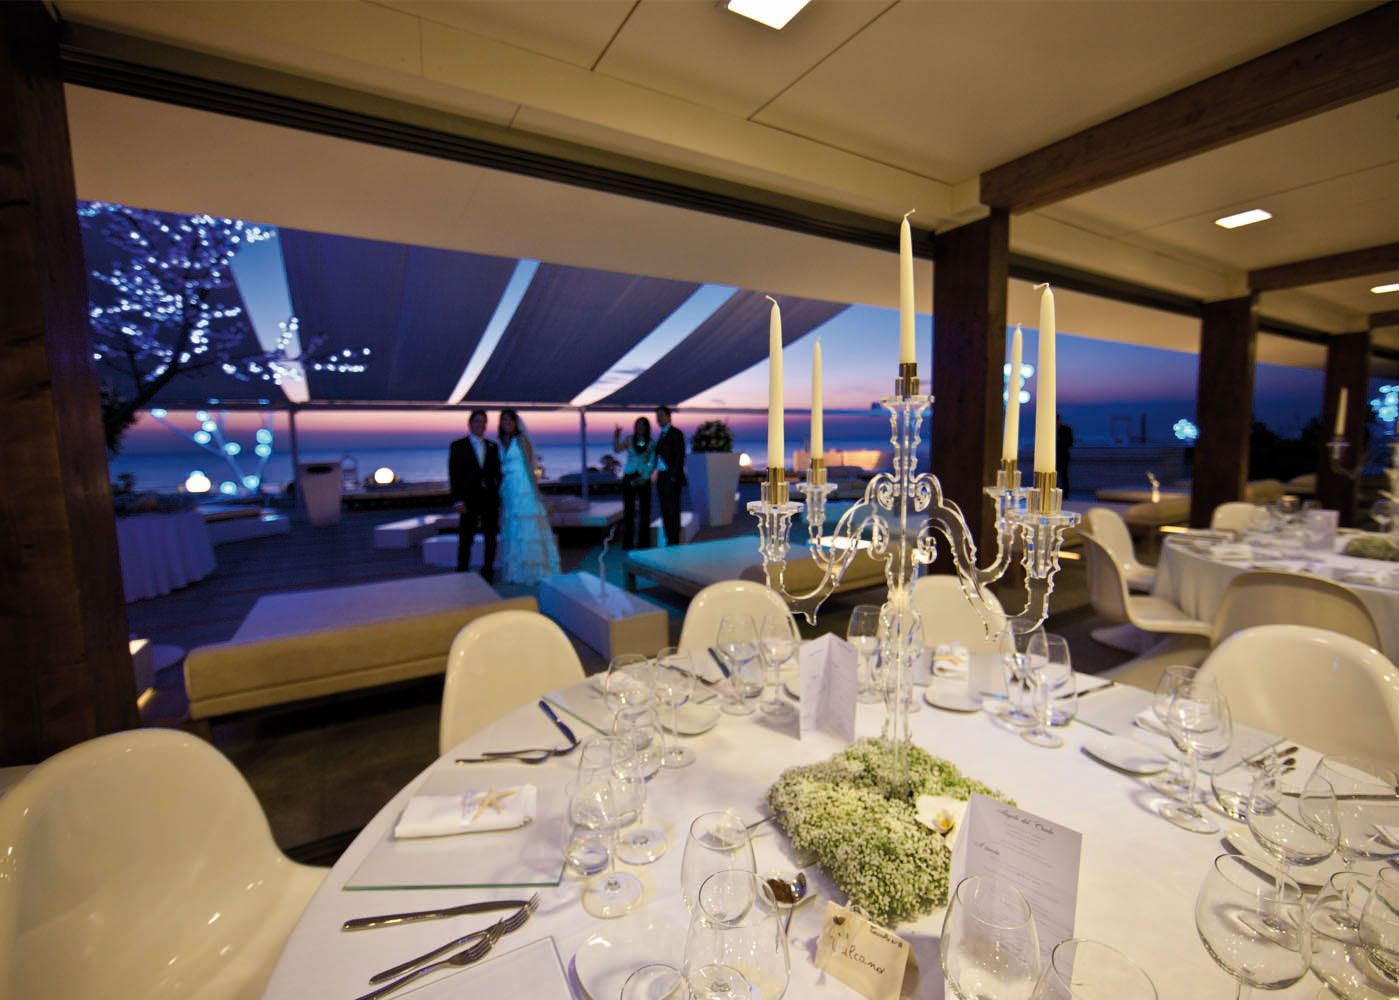 Matrimoni Spiaggia Napoli : Come organizzare un matrimonio in spiaggia a napoli ammot cafè